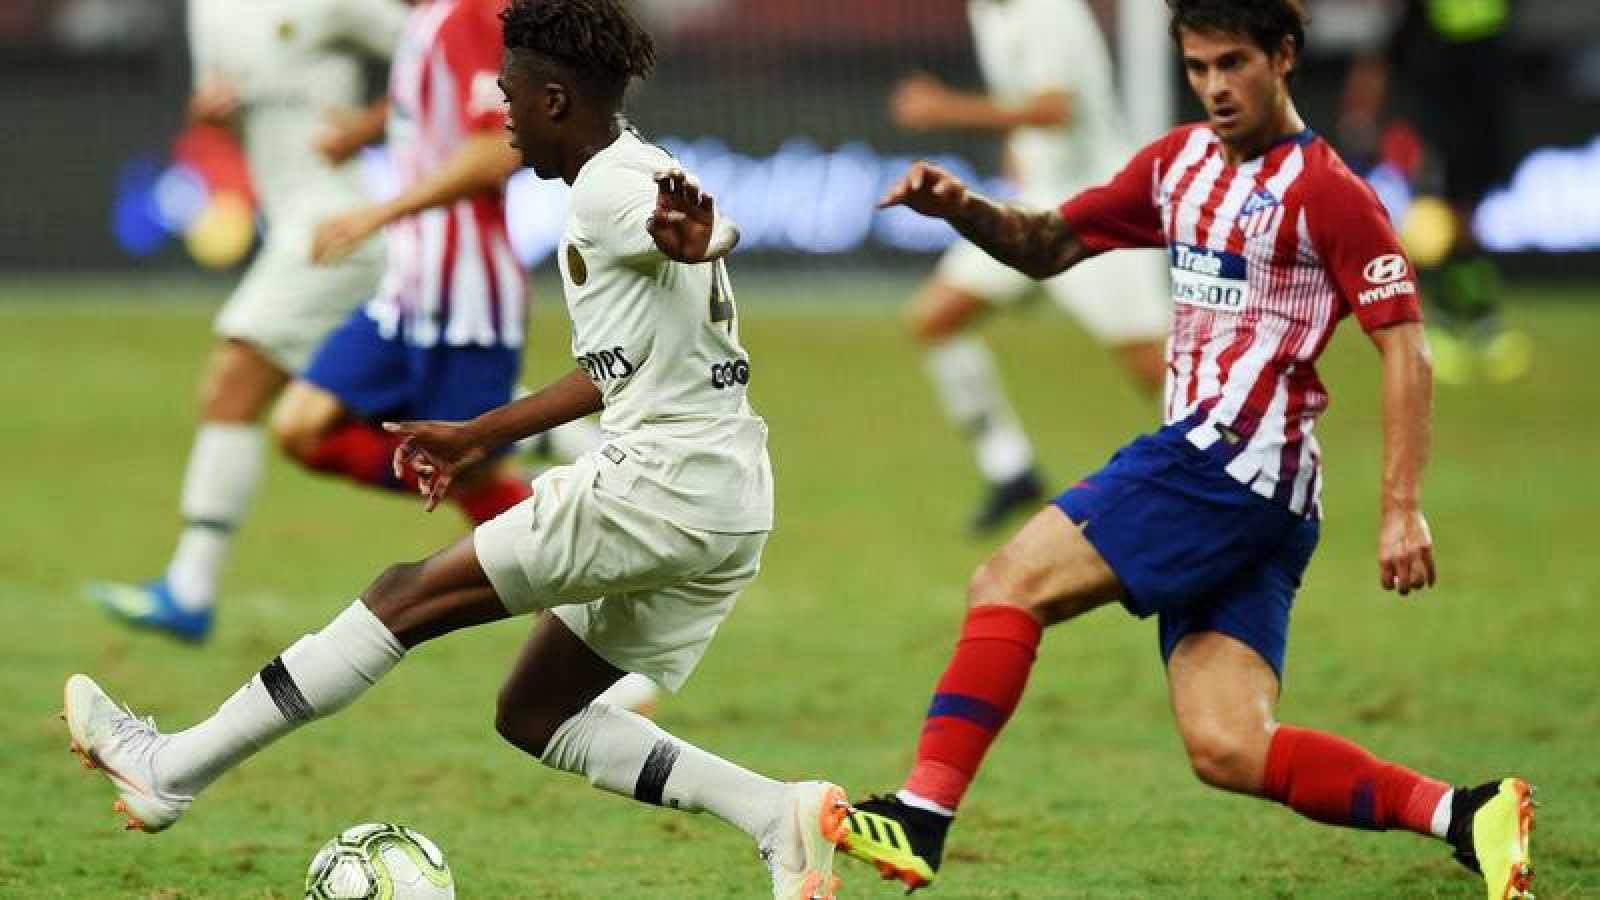 Los canteranos del Atlético se quedan al borde de la remontada ante el PSG